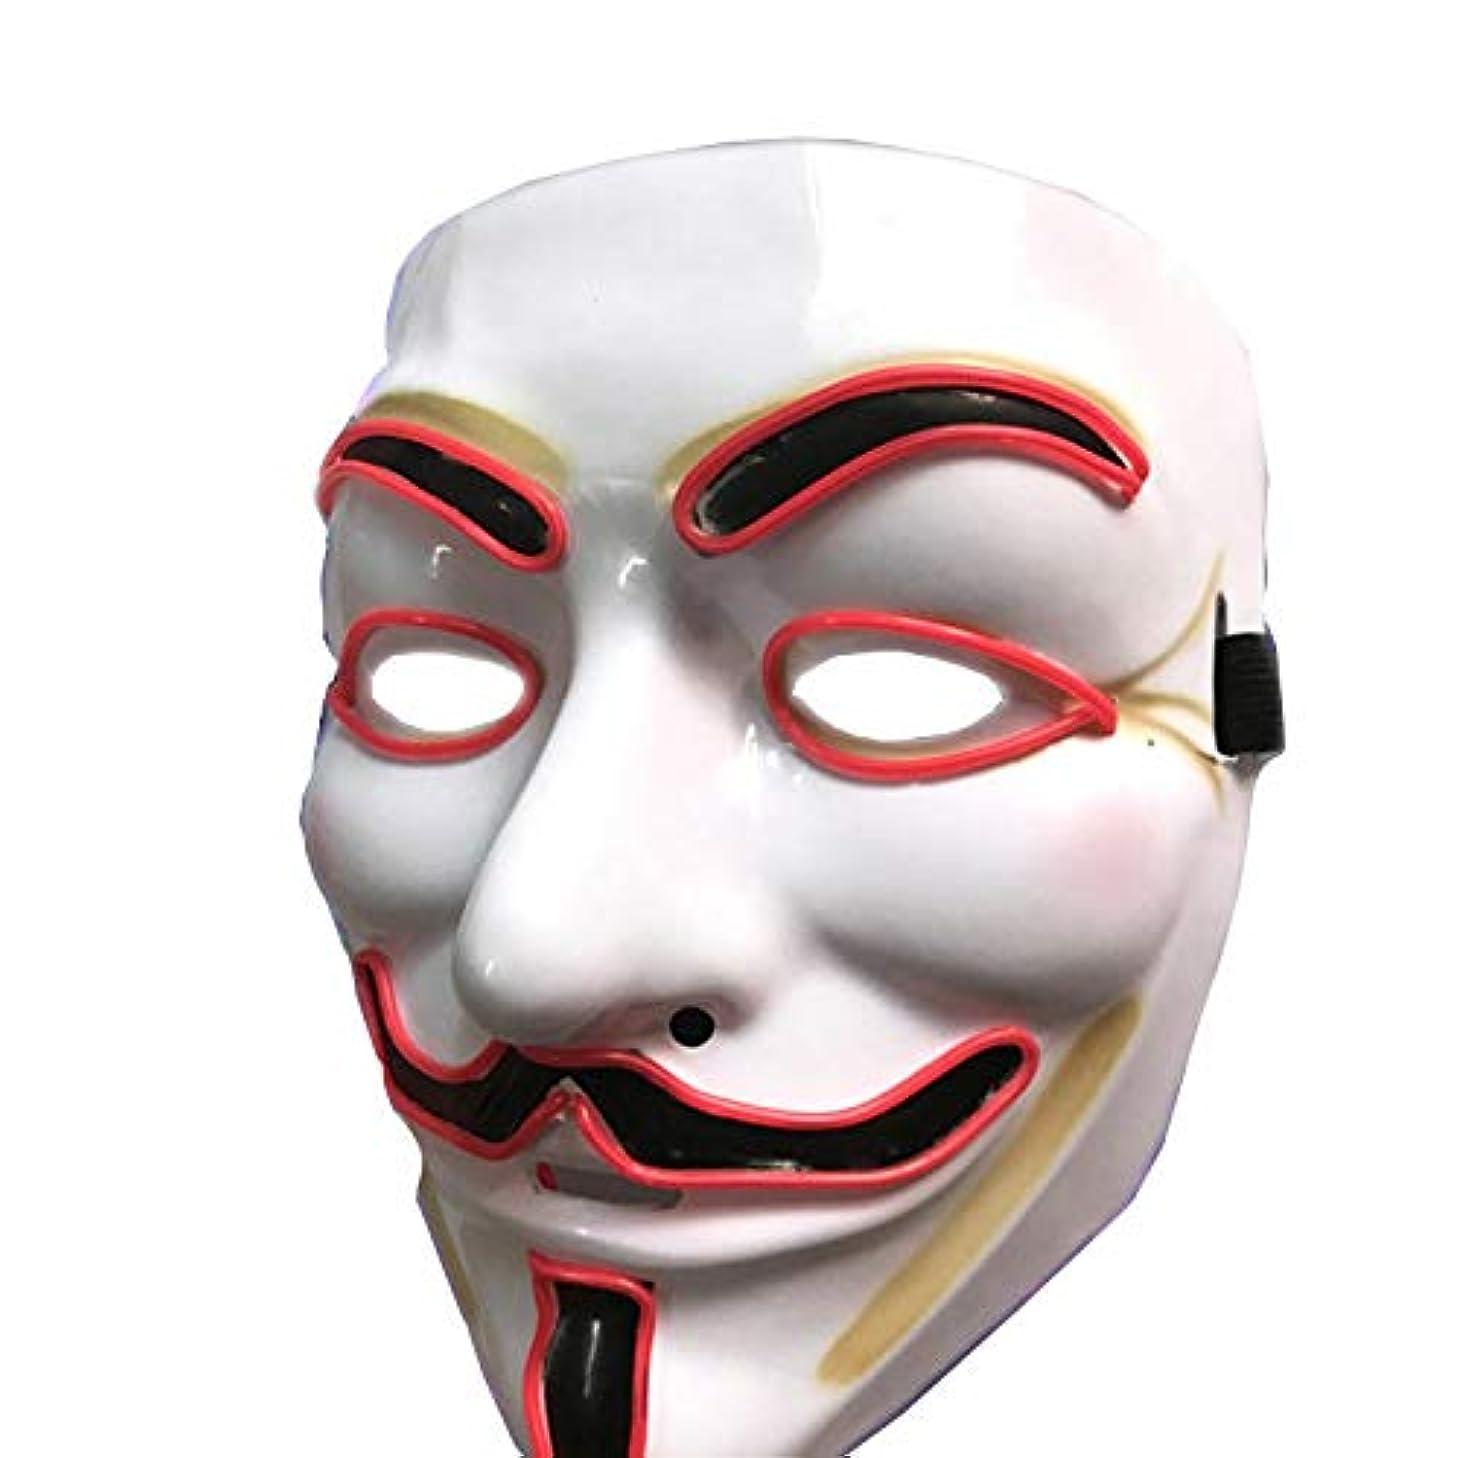 機転漁師時制ハロウィーンマスクLEDライトアップマスクグローイングマスク、コスプレ、レッド